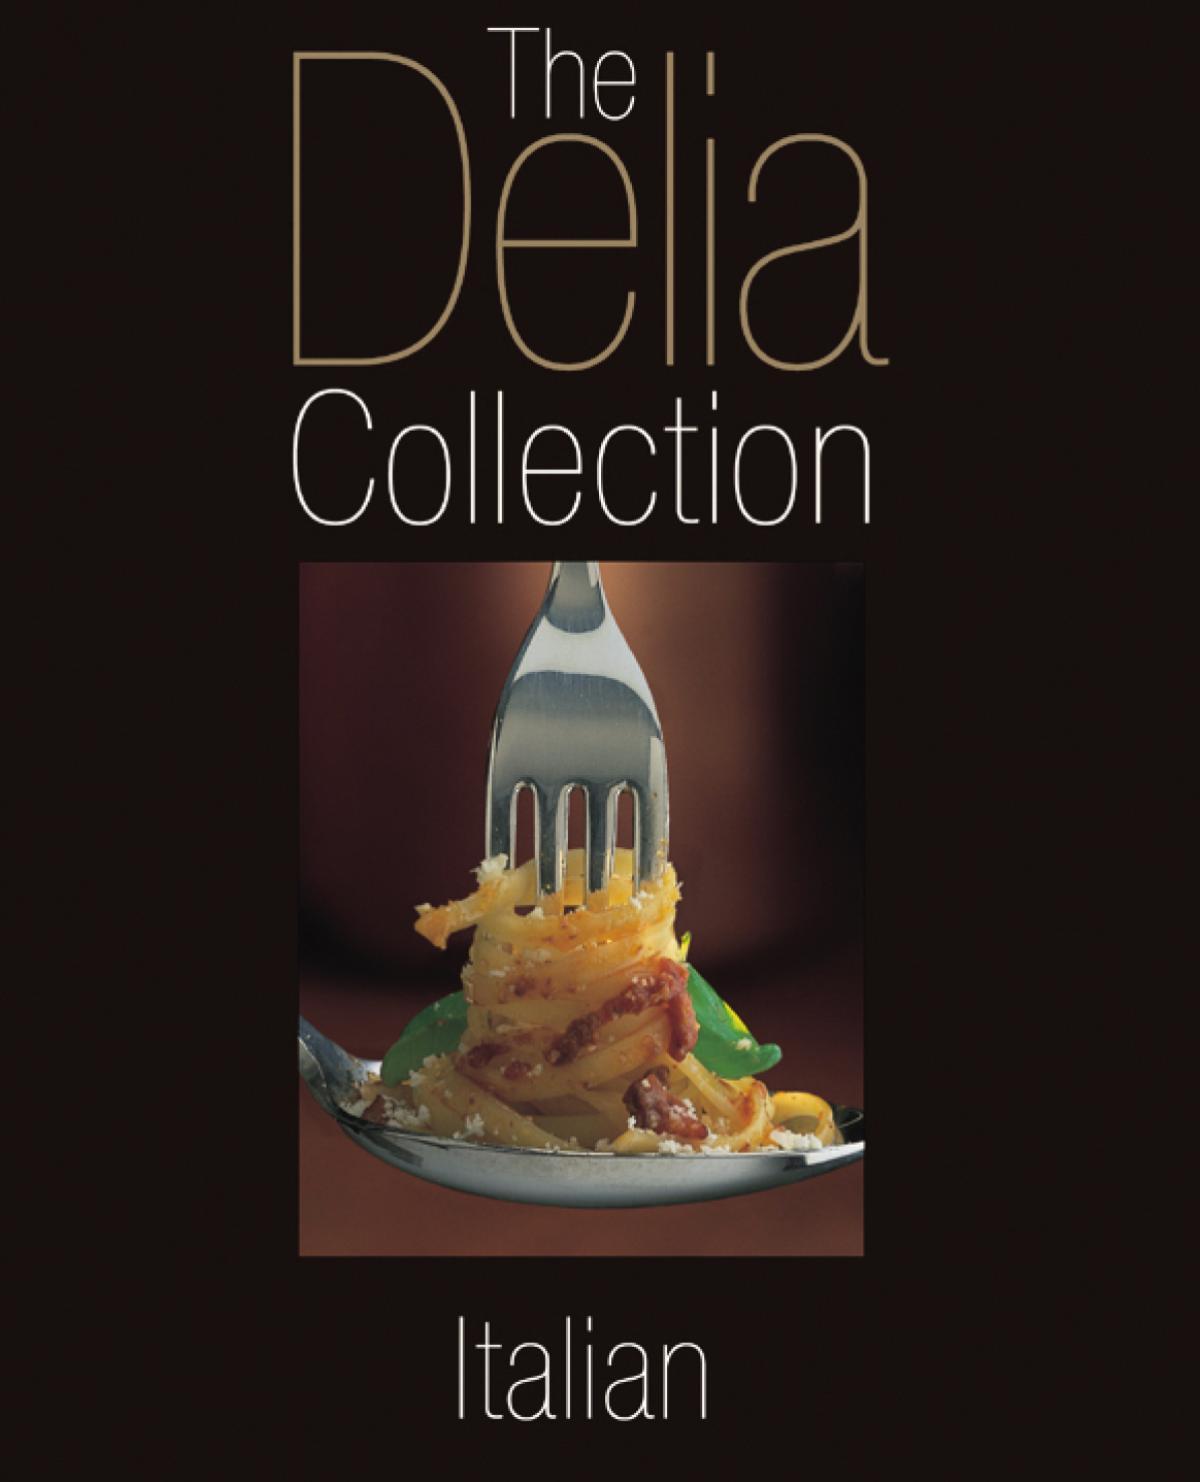 A picture of Delia's The Delia Collection: Italian recipes